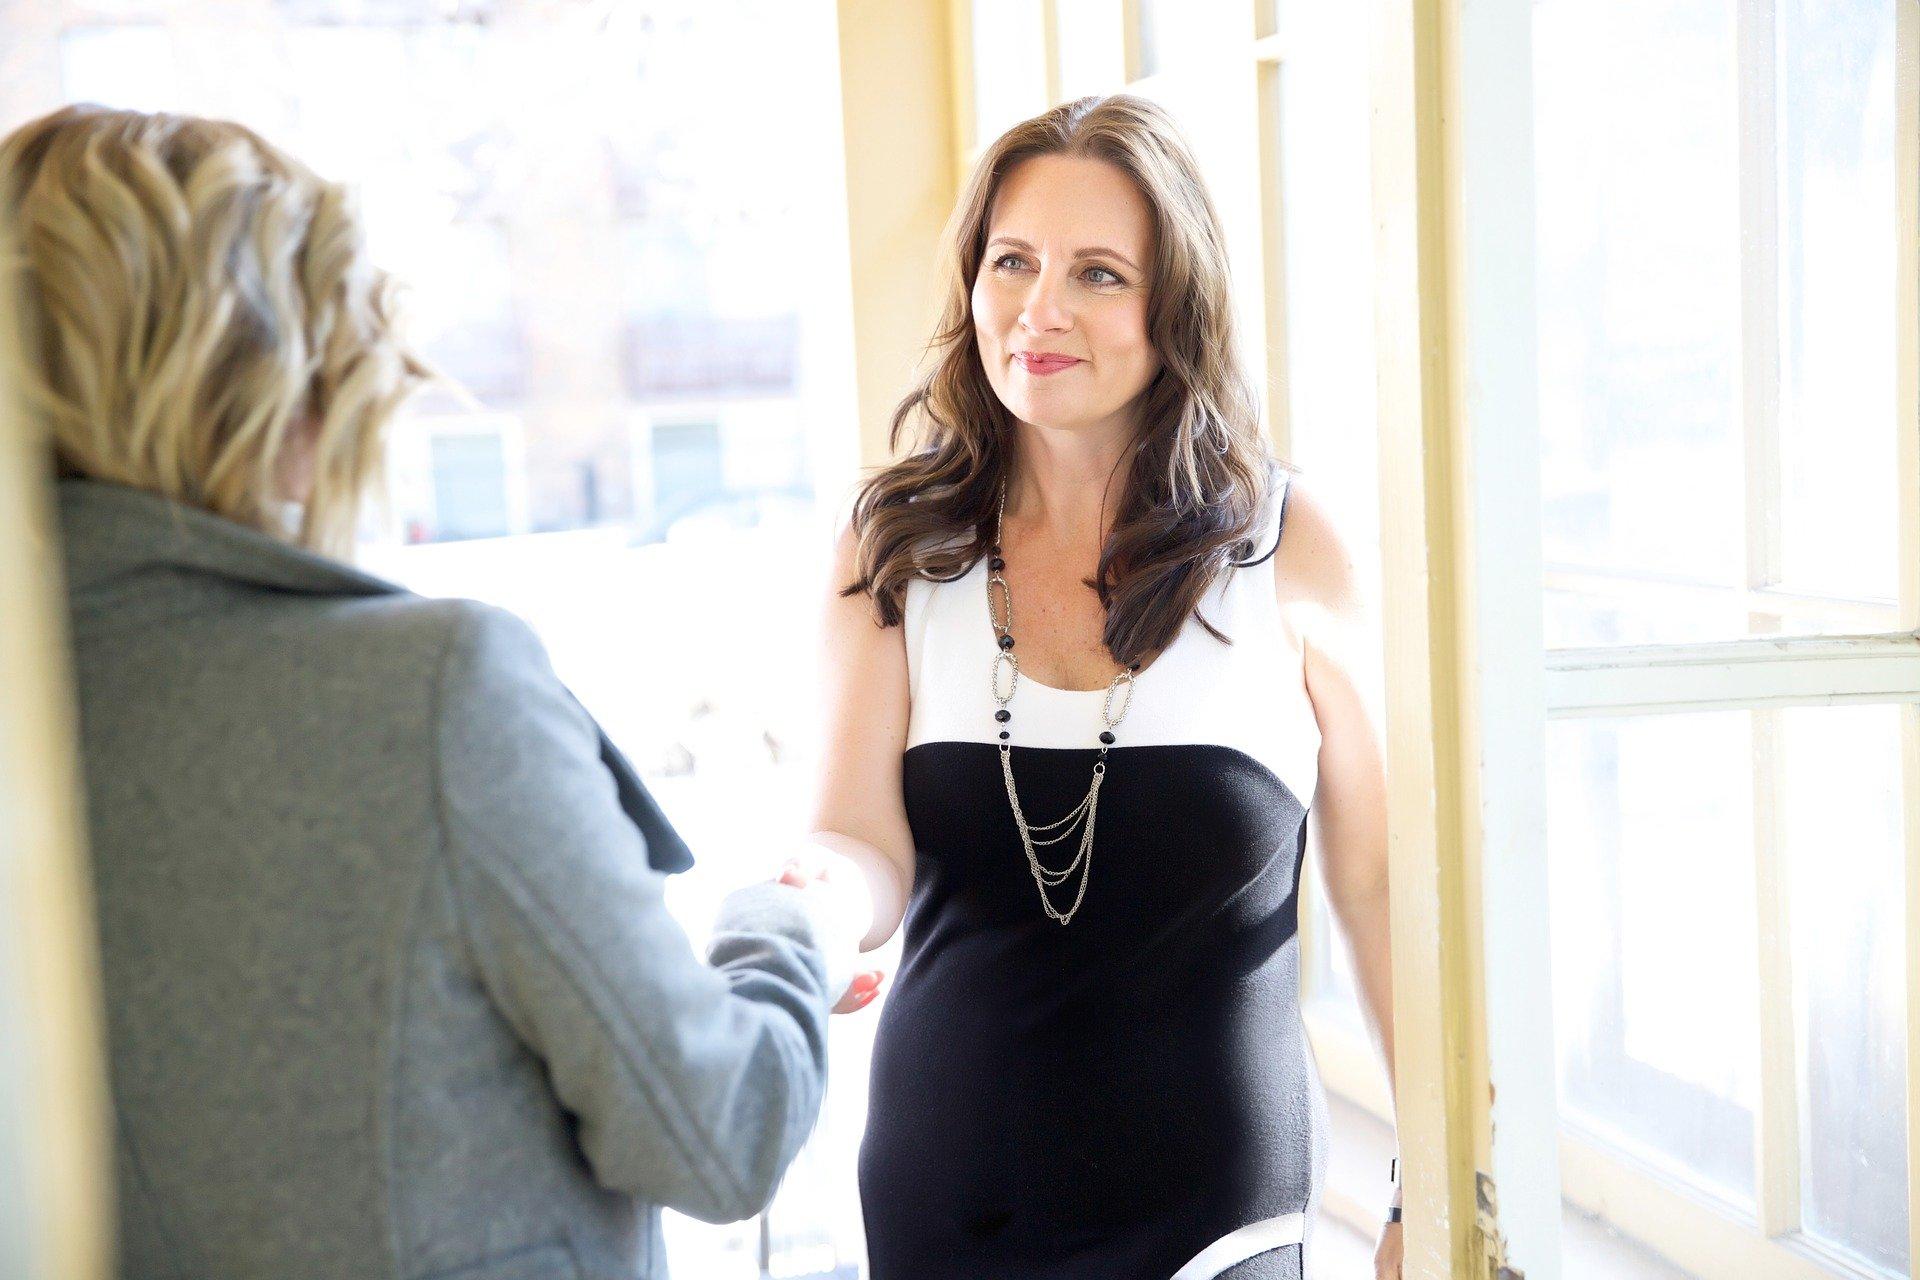 Recrutadores estão de olho na forma como os profissionais se apresentam no LinkedIn.